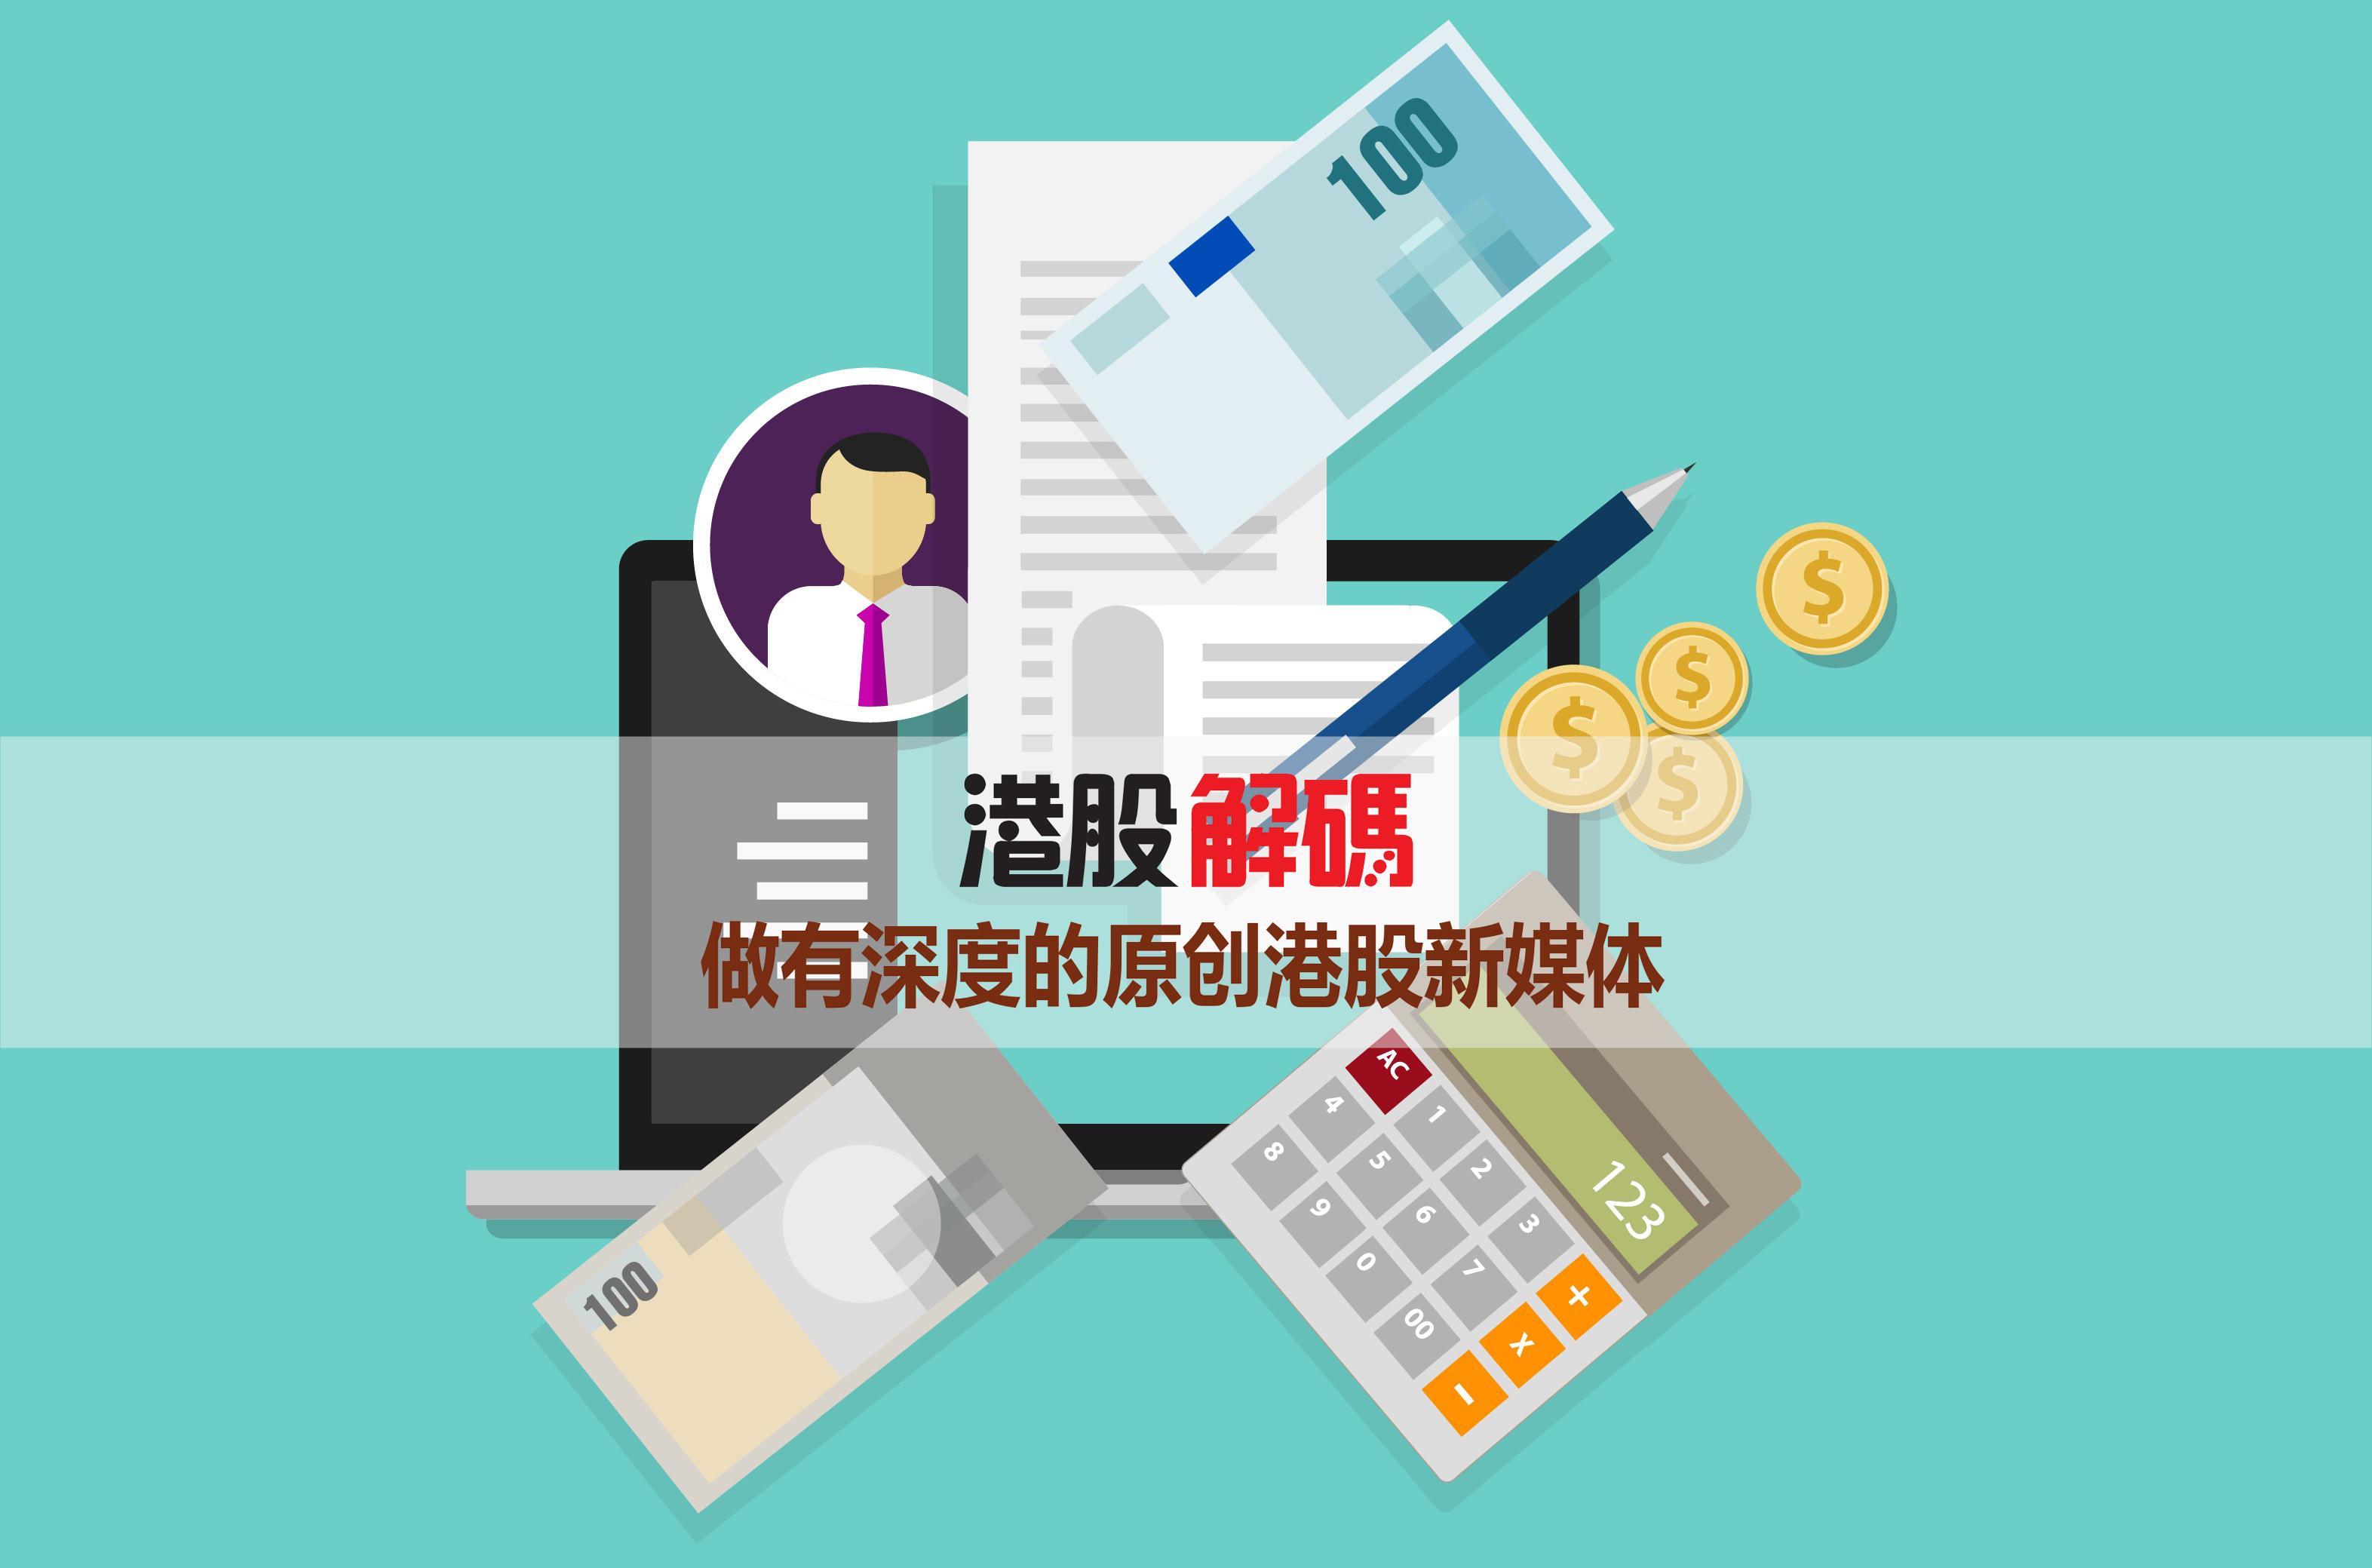 国有企业工资改革,经济效益增长是核心